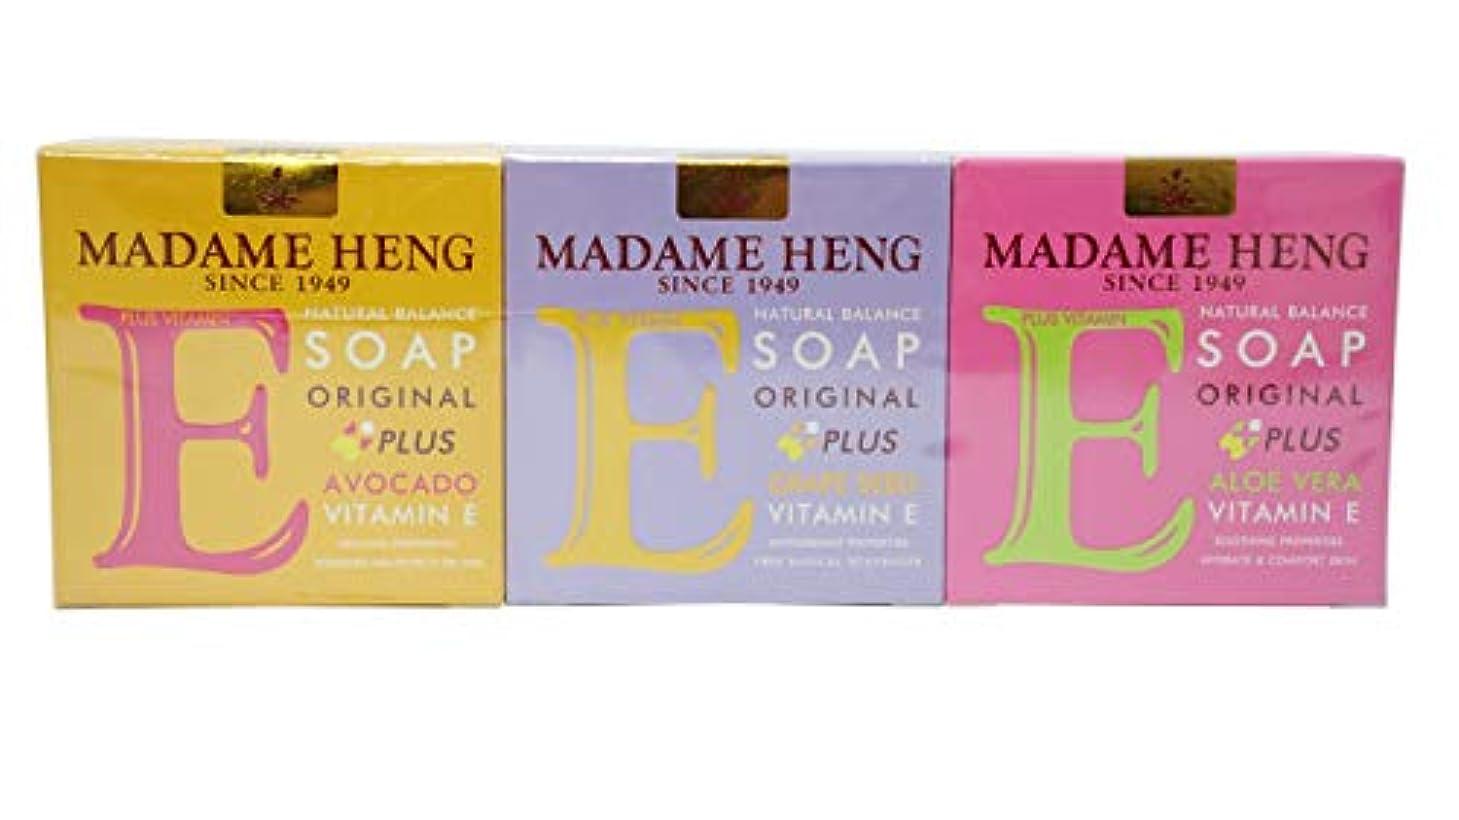 音声学じゃがいも人事Madame Heng Vitamin E Soap 3 boxes- Aloe Vera +Vit E, Grape Seeds +Vit E, Avocado +Vit E Soap [並行輸入品]